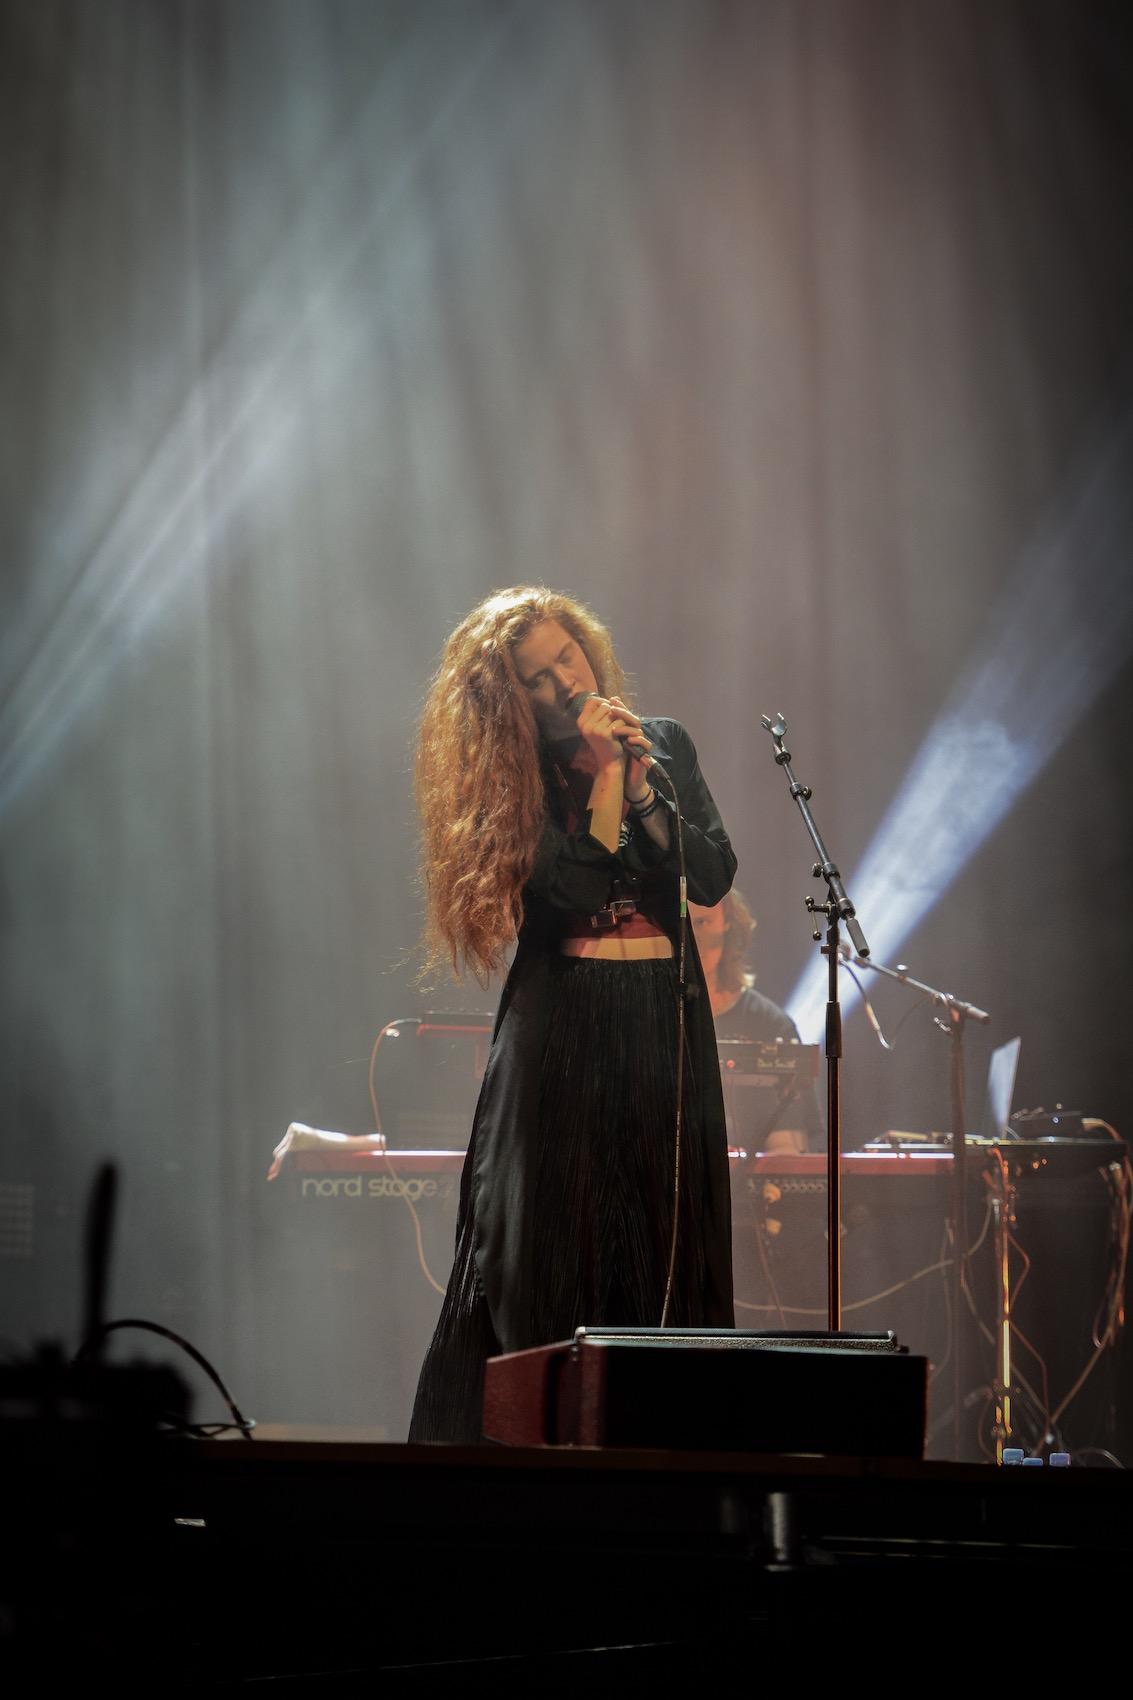 Die Künstlerin hat beim Eurovision Songcontest für Norwegen teilgenommen und ist achte geworden.